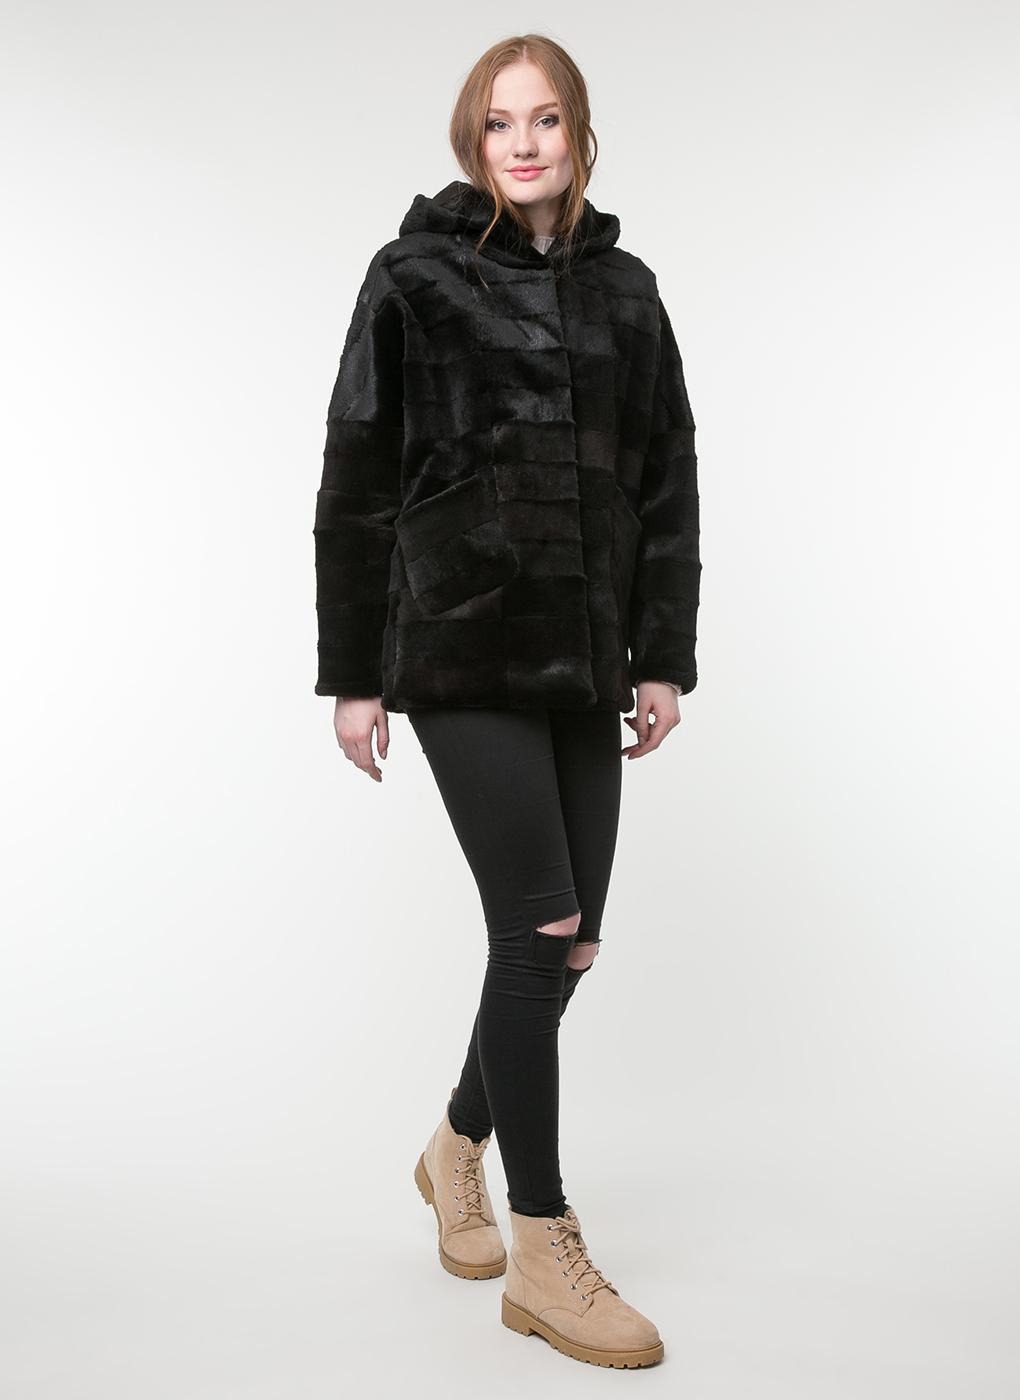 Куртка из нутрии Лоресс 01, Dzhanbekoff